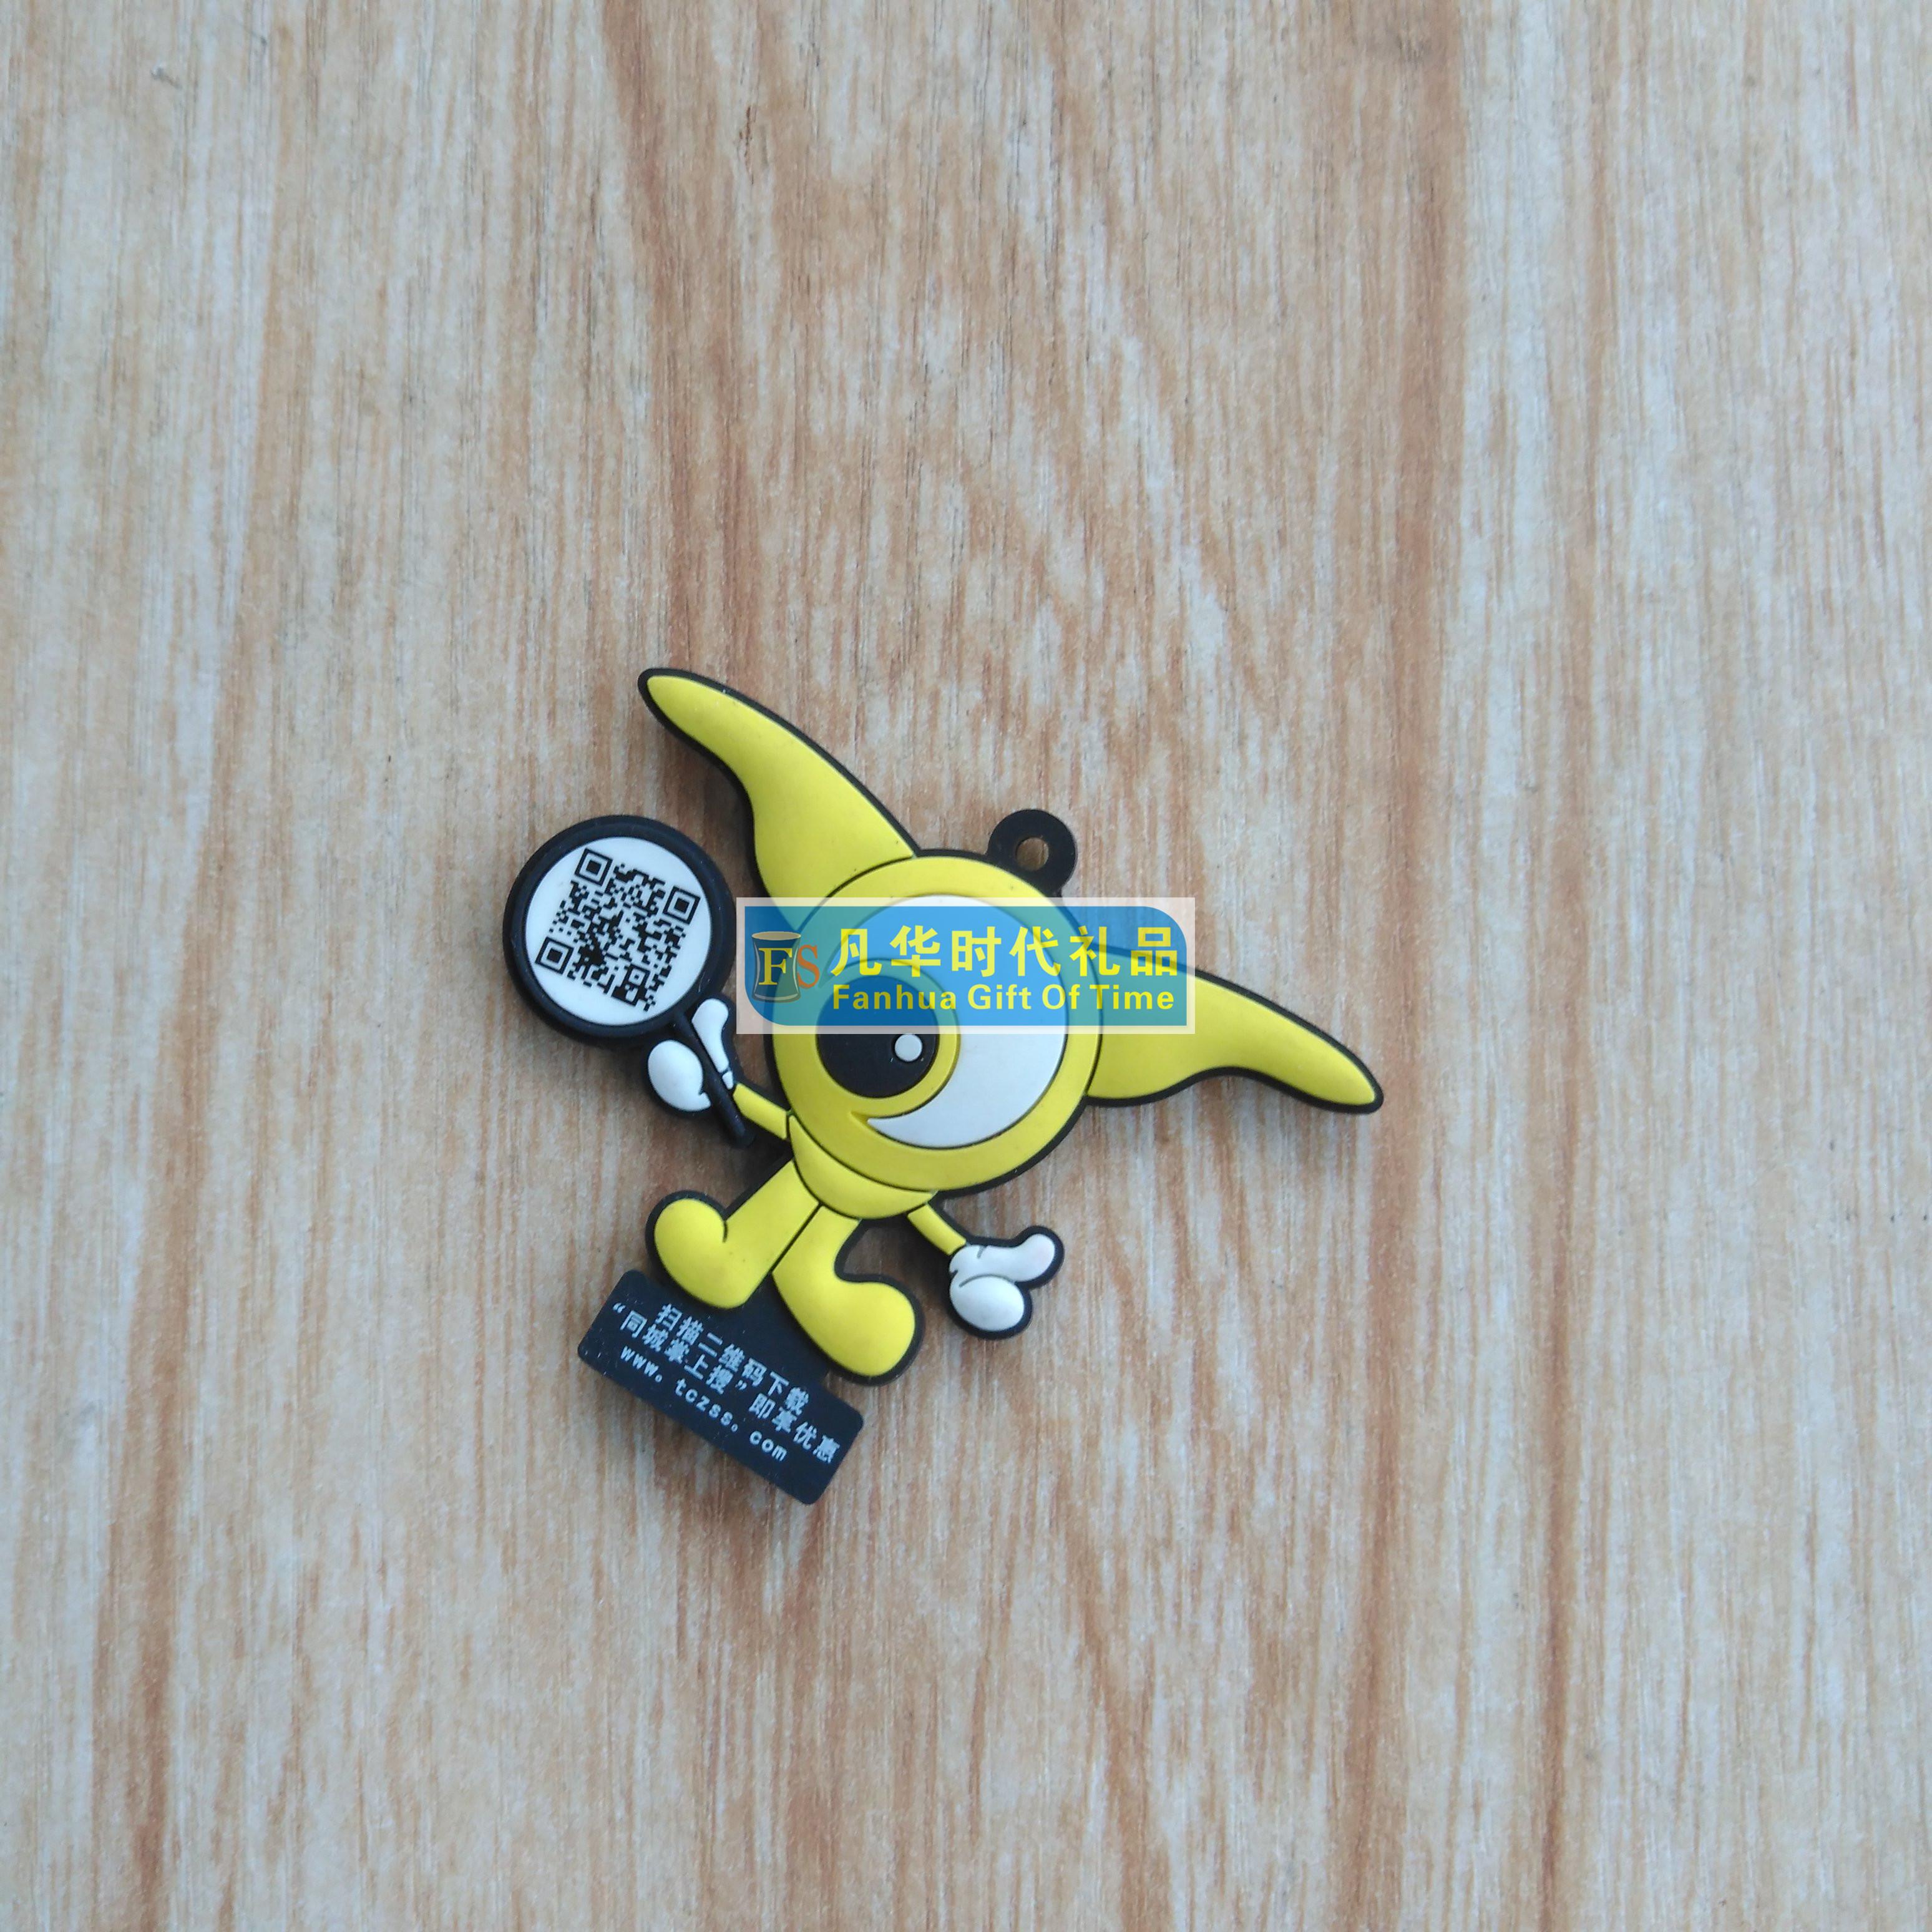 供应塑胶PVC钥匙扣 厂家定制创意钥匙扣礼品 PVC钥匙扣挂件